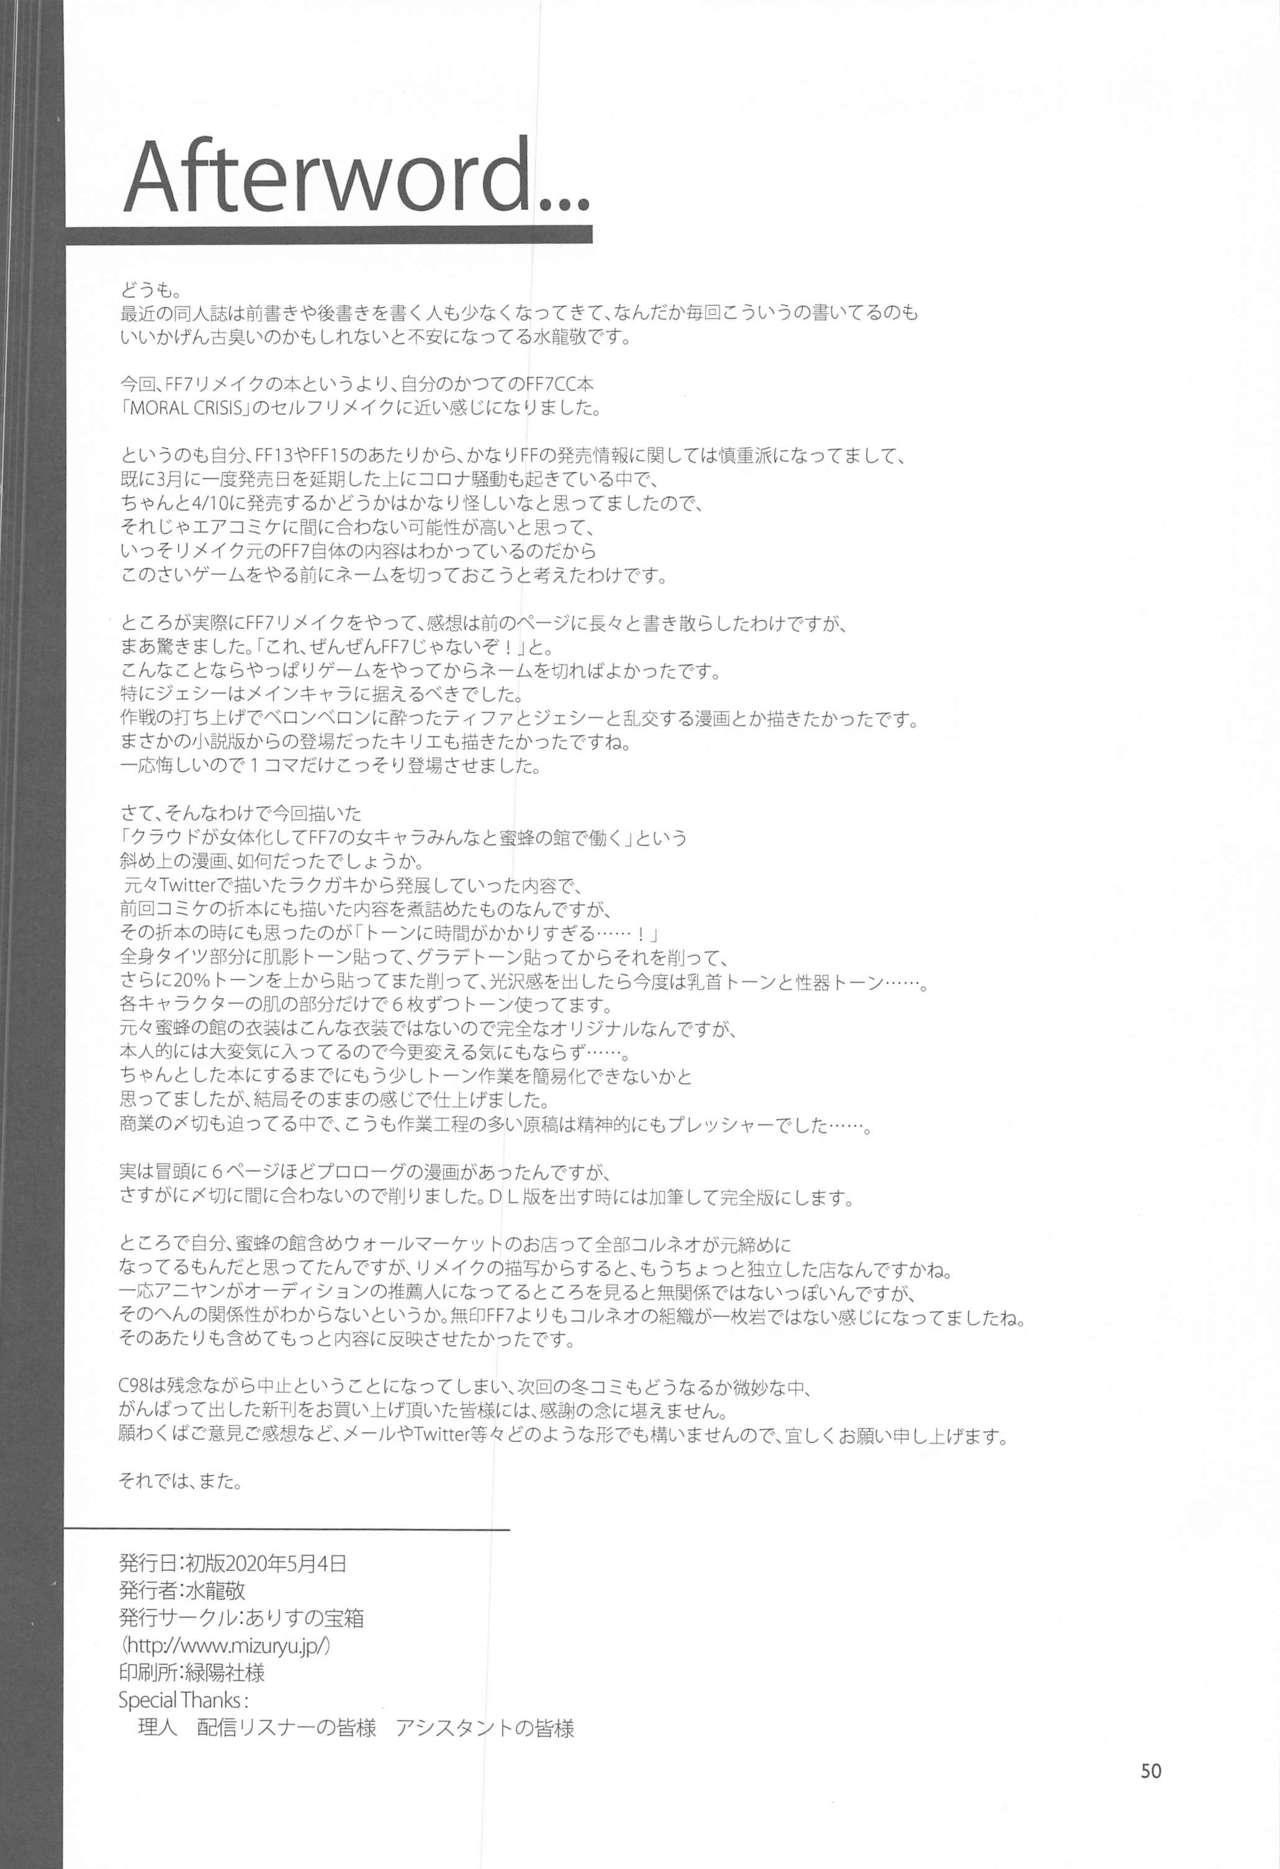 [Alice no Takarabako (Mizuryu Kei)] Mitsubachi no Yakata Nigou-kan Seventh Heaven-ten (Final Fantasy VII) 48